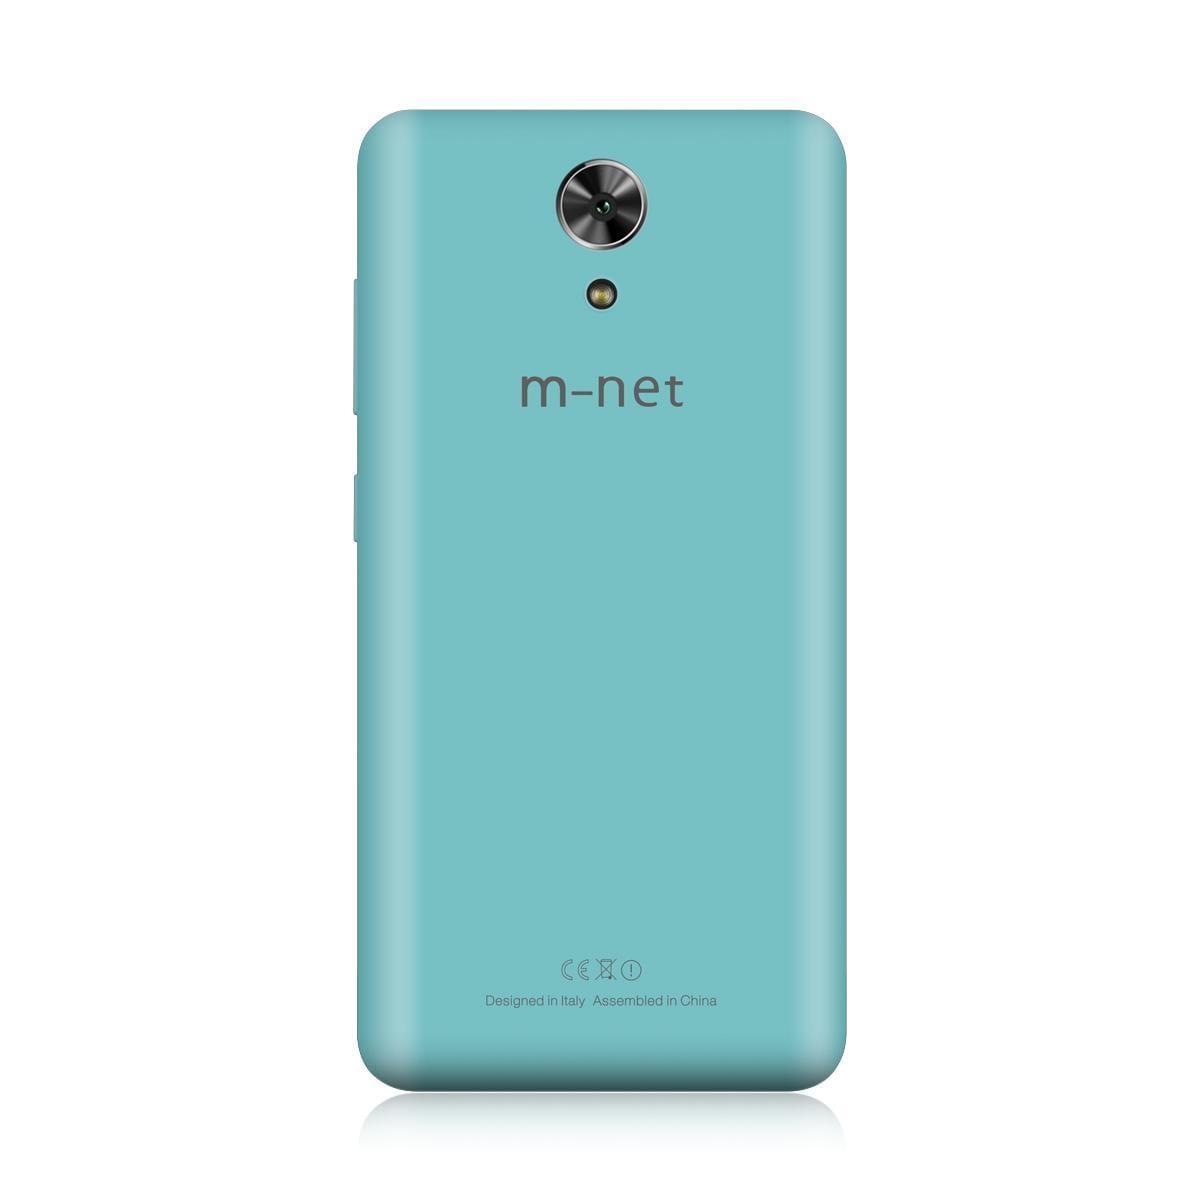 m-net выпустила смартфон Power 1 с аккумулятором 5050 мАч и быстрой зарядкой